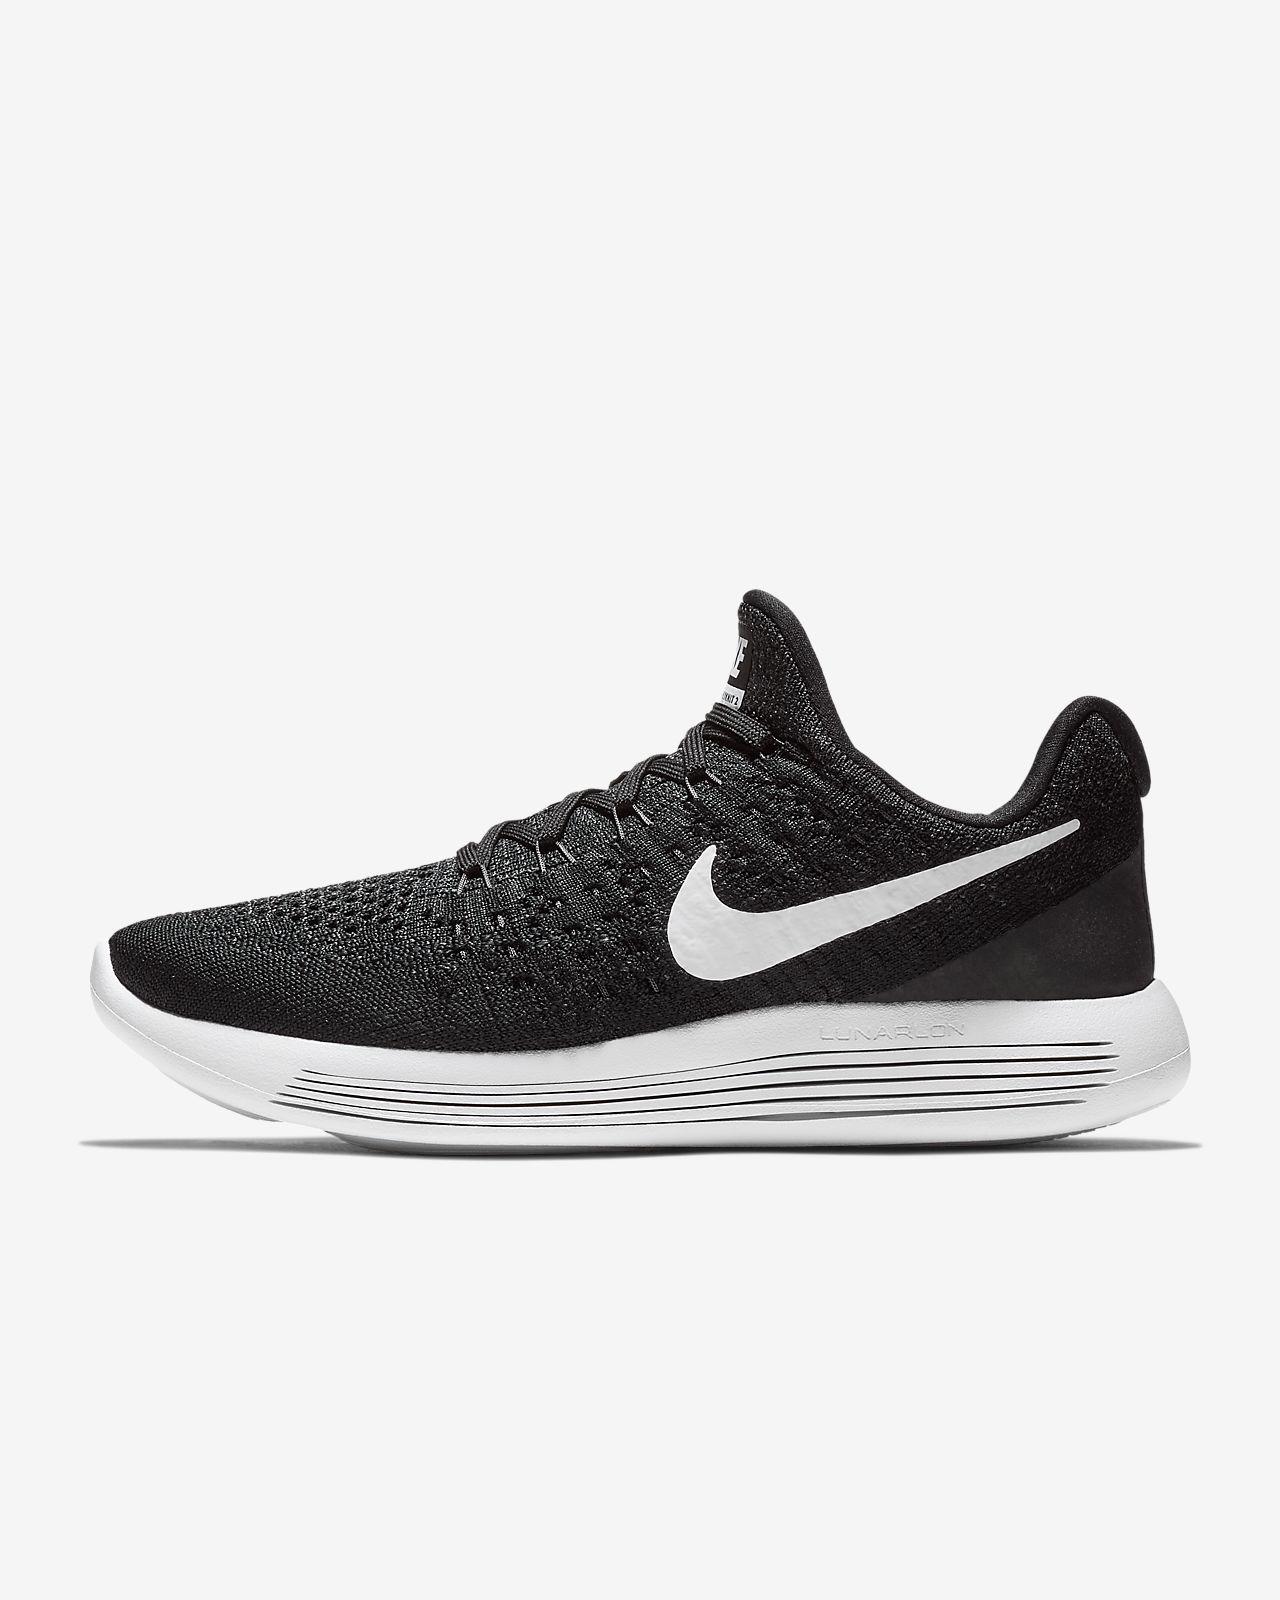 quality design 1af0d 48714 Nike LunarEpic Low Flyknit 2 Women's Running Shoe